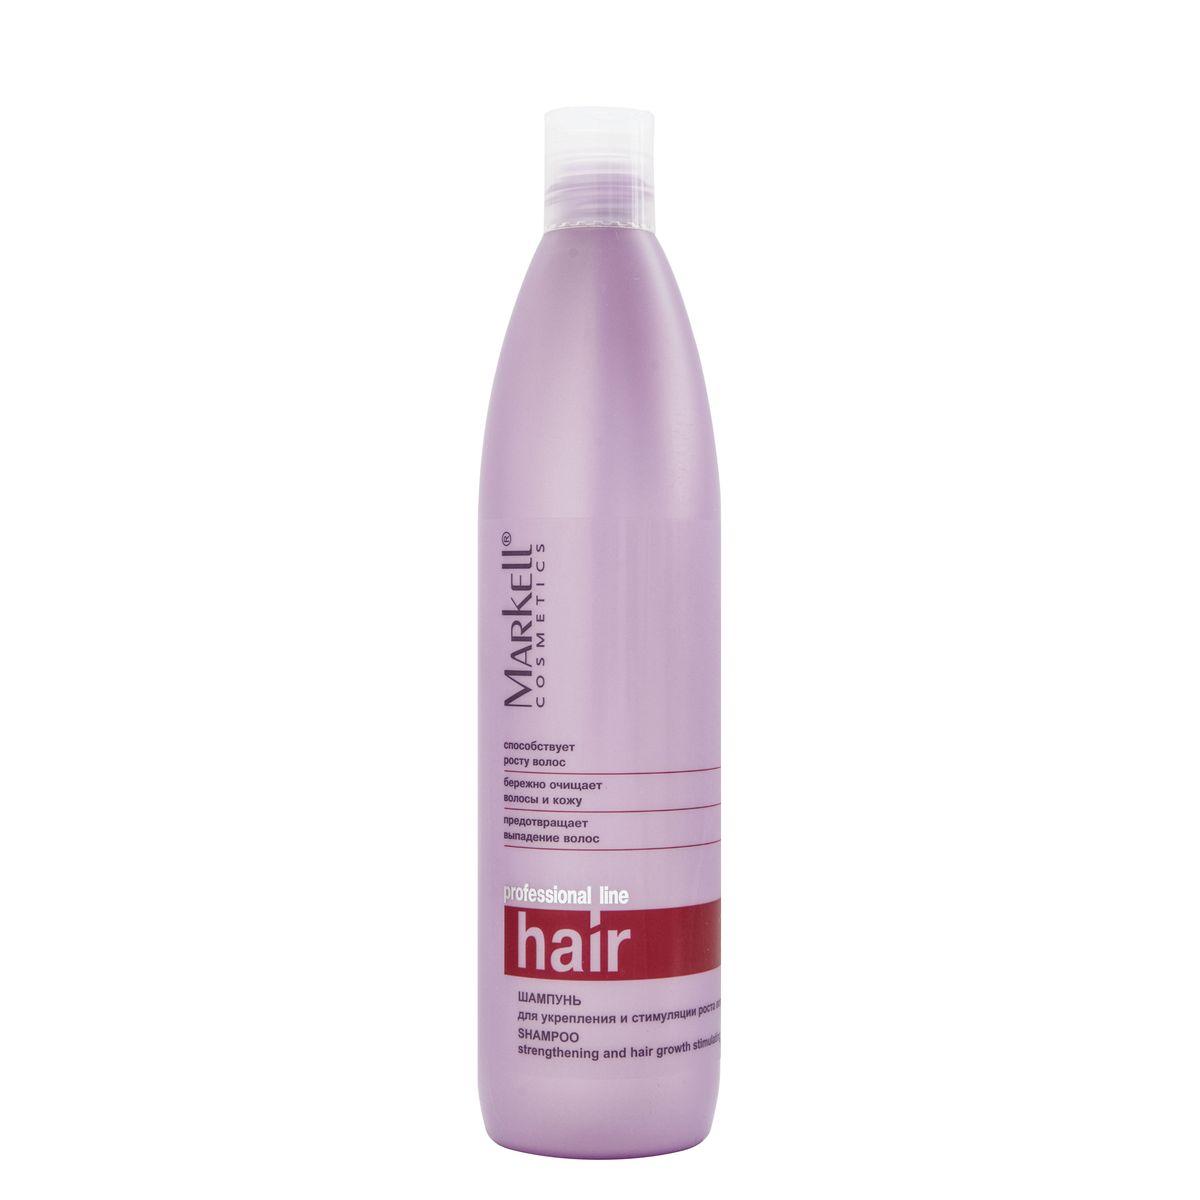 Markell Шампунь для укрепления и стимуляции роста волос Professional Hair Line , 500 мл7737Профессиональный шампунь с инновационным комплексом активных компонентов для укрепления волос и стимулирования их роста наполняет волосы и кожу головы витаминами, укрепляет волосяные луковички, тем самым устраняя причину выпадения волос.- бережно очищает волосы и кожу- предотвращает выпадение волос- способствует росту волос